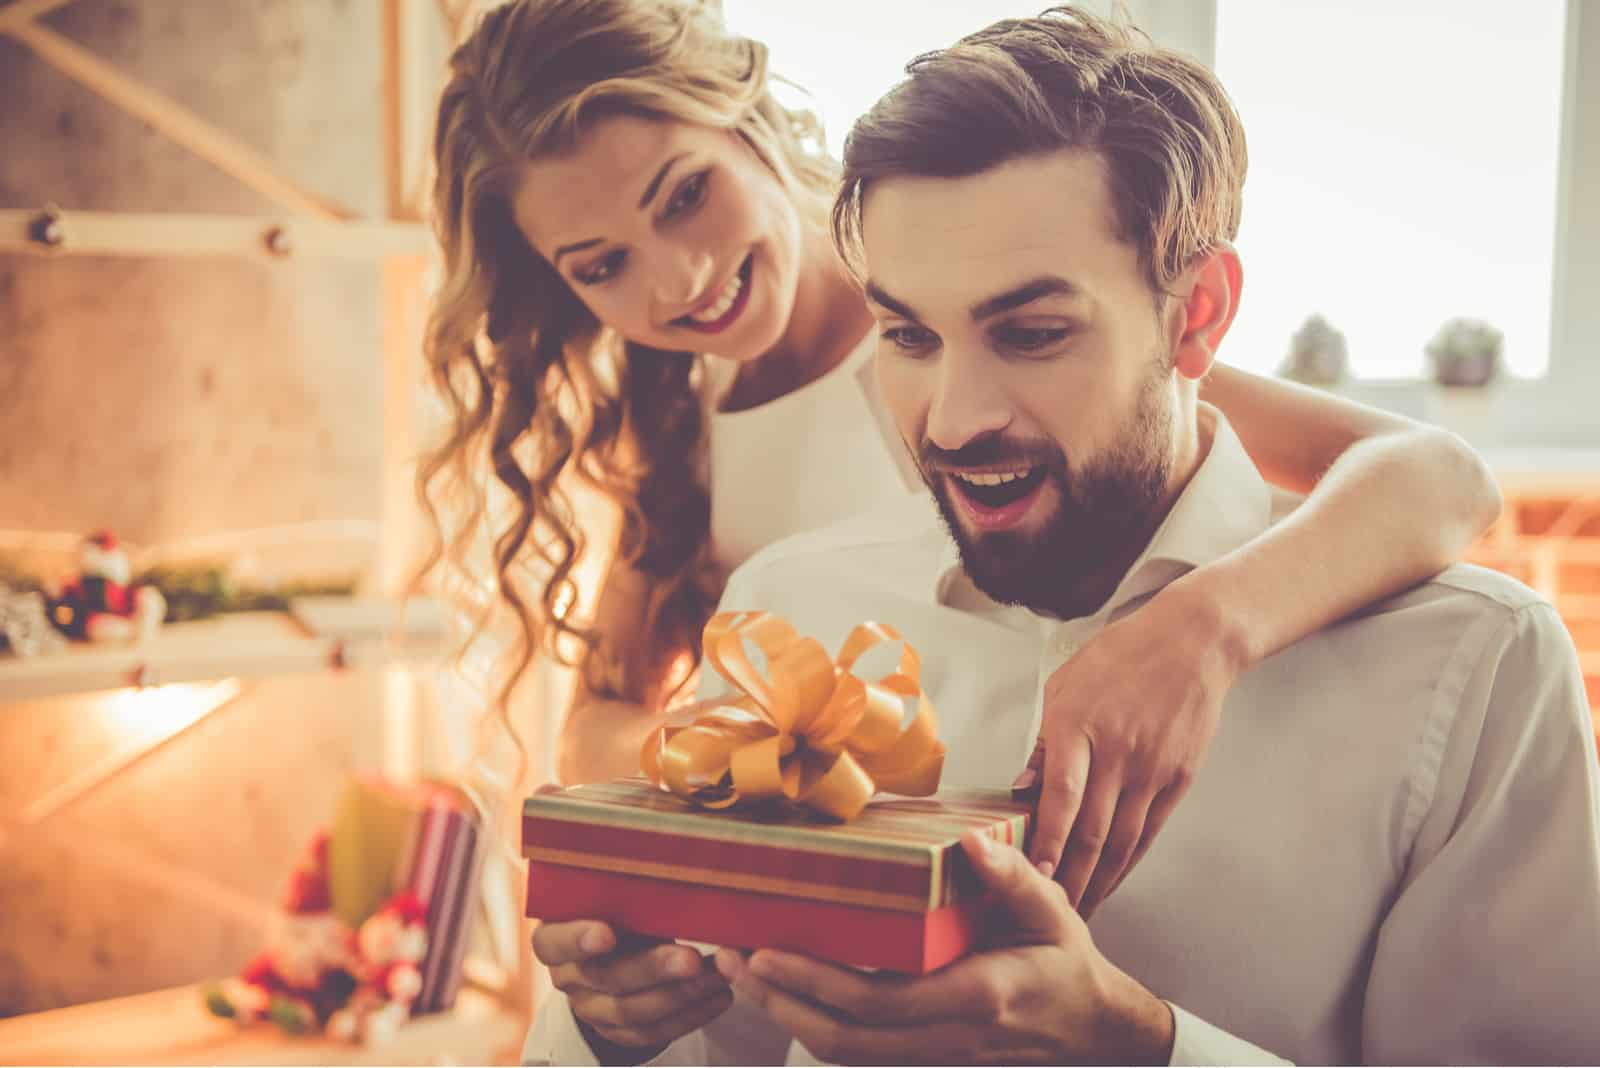 une femme souriante a acheté un cadeau pour un homme